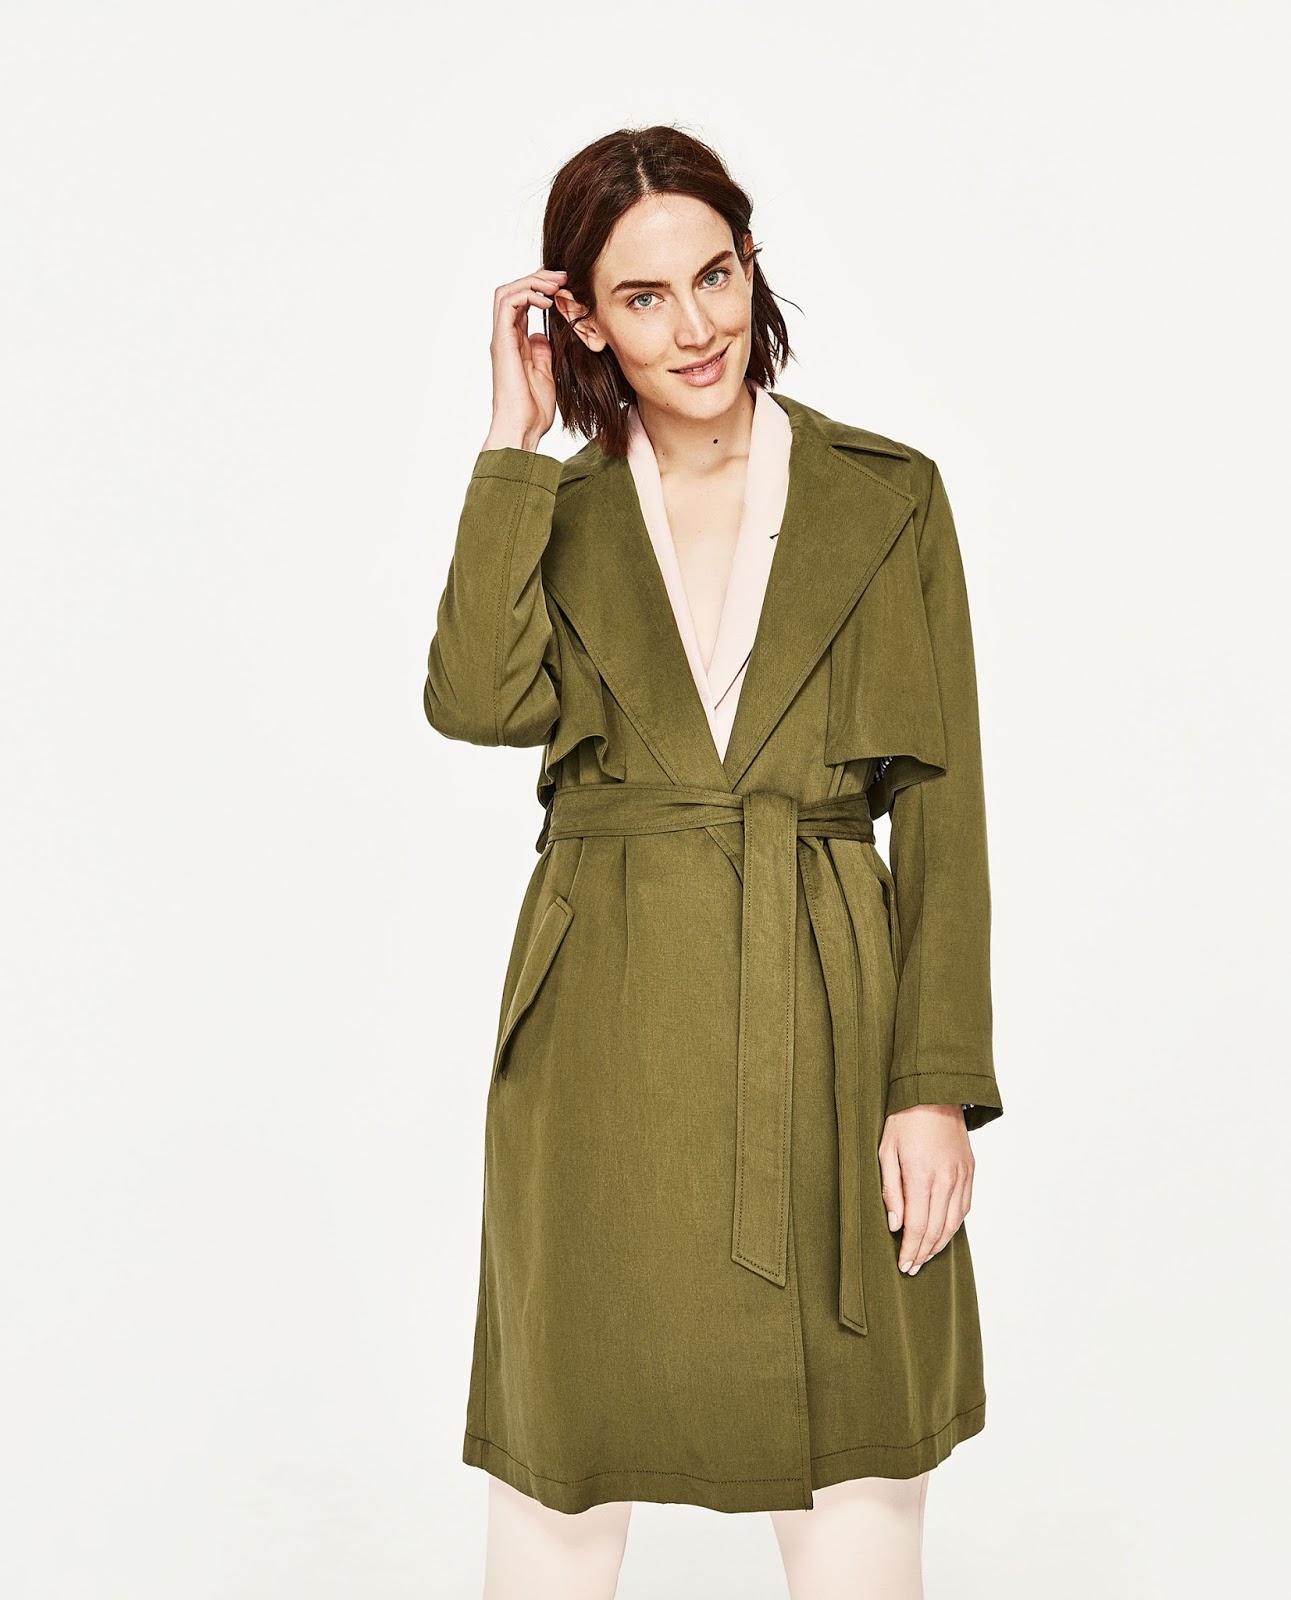 ZARA luźny płaszcz trencz, płaszcz militarny, wyprzedaż Zara, porady stylistki